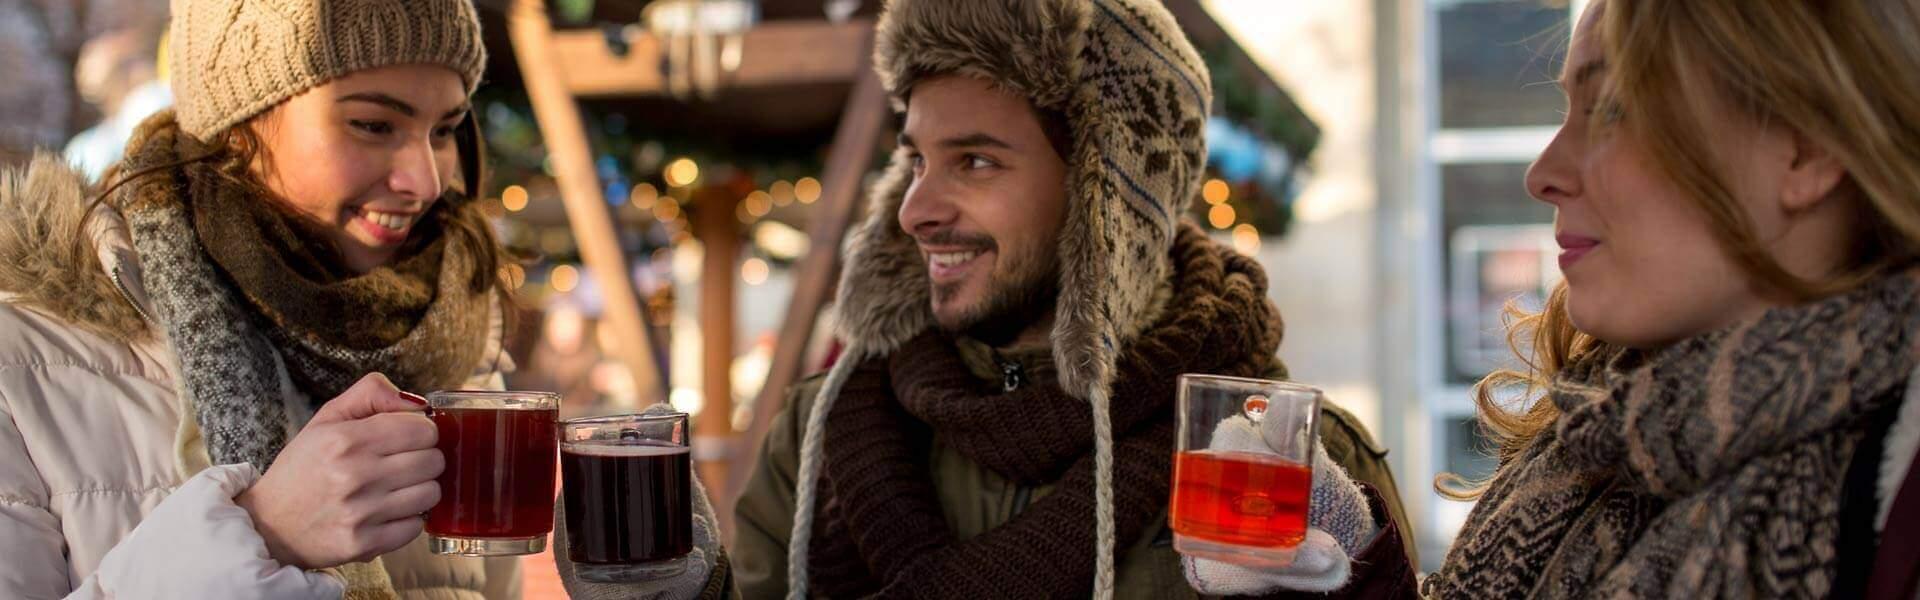 Outdoor Schnitzeljagd über den Weihnachtsmarkt mit Glühwein und Globe Chaser App b-ceed Events